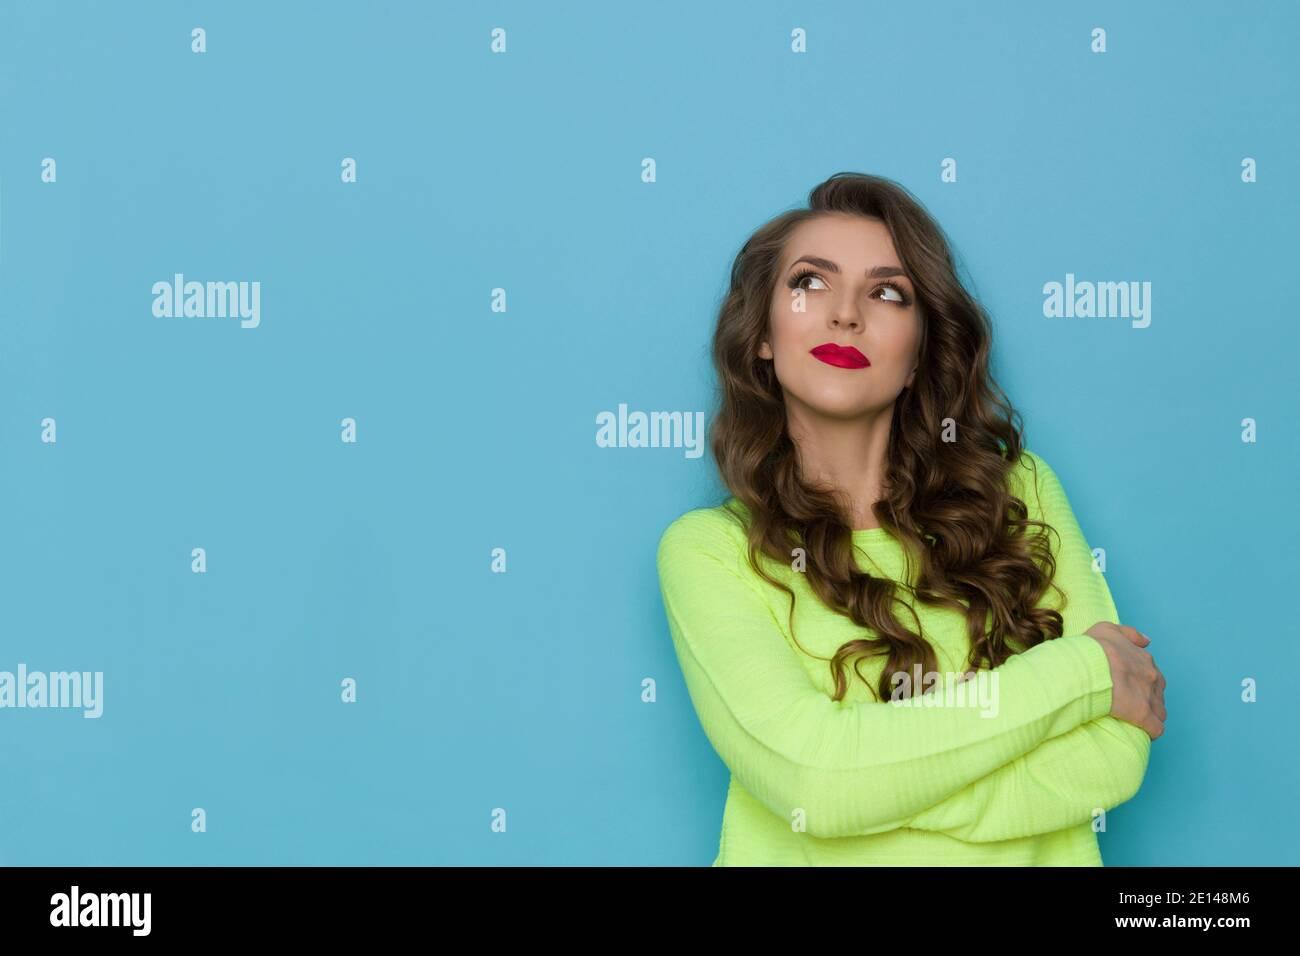 La jeune femme pensive en vert citron vert fluo tient les bras croisés, regardant vers le haut et pensant. Taille haute studio tourné sur fond bleu. Banque D'Images